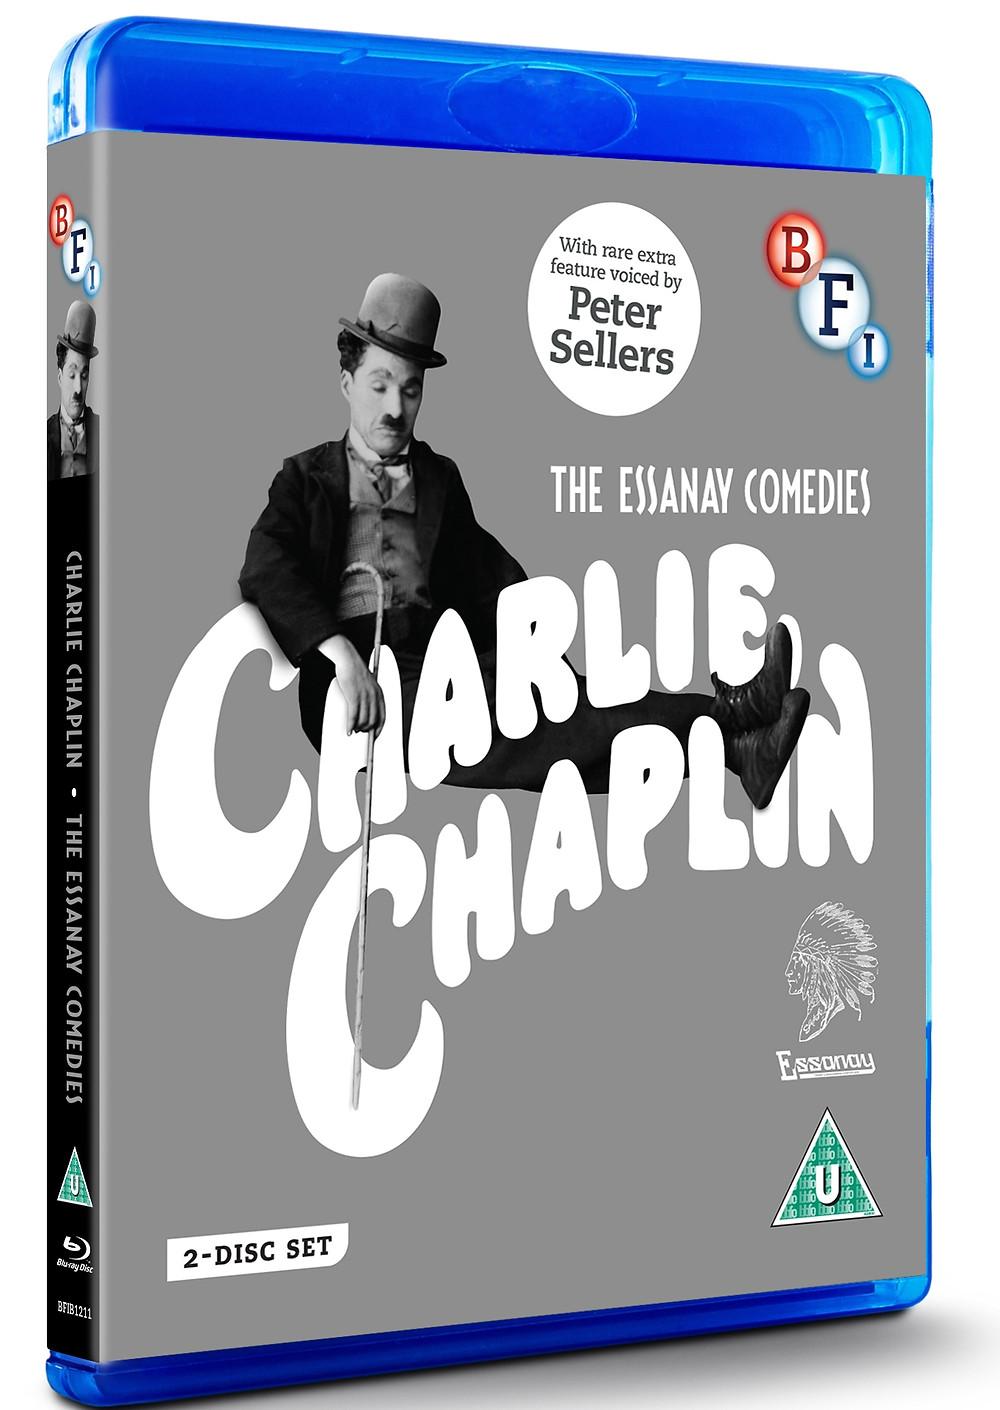 bfi_chaplin-essanay-comedies-bd-3d-ps